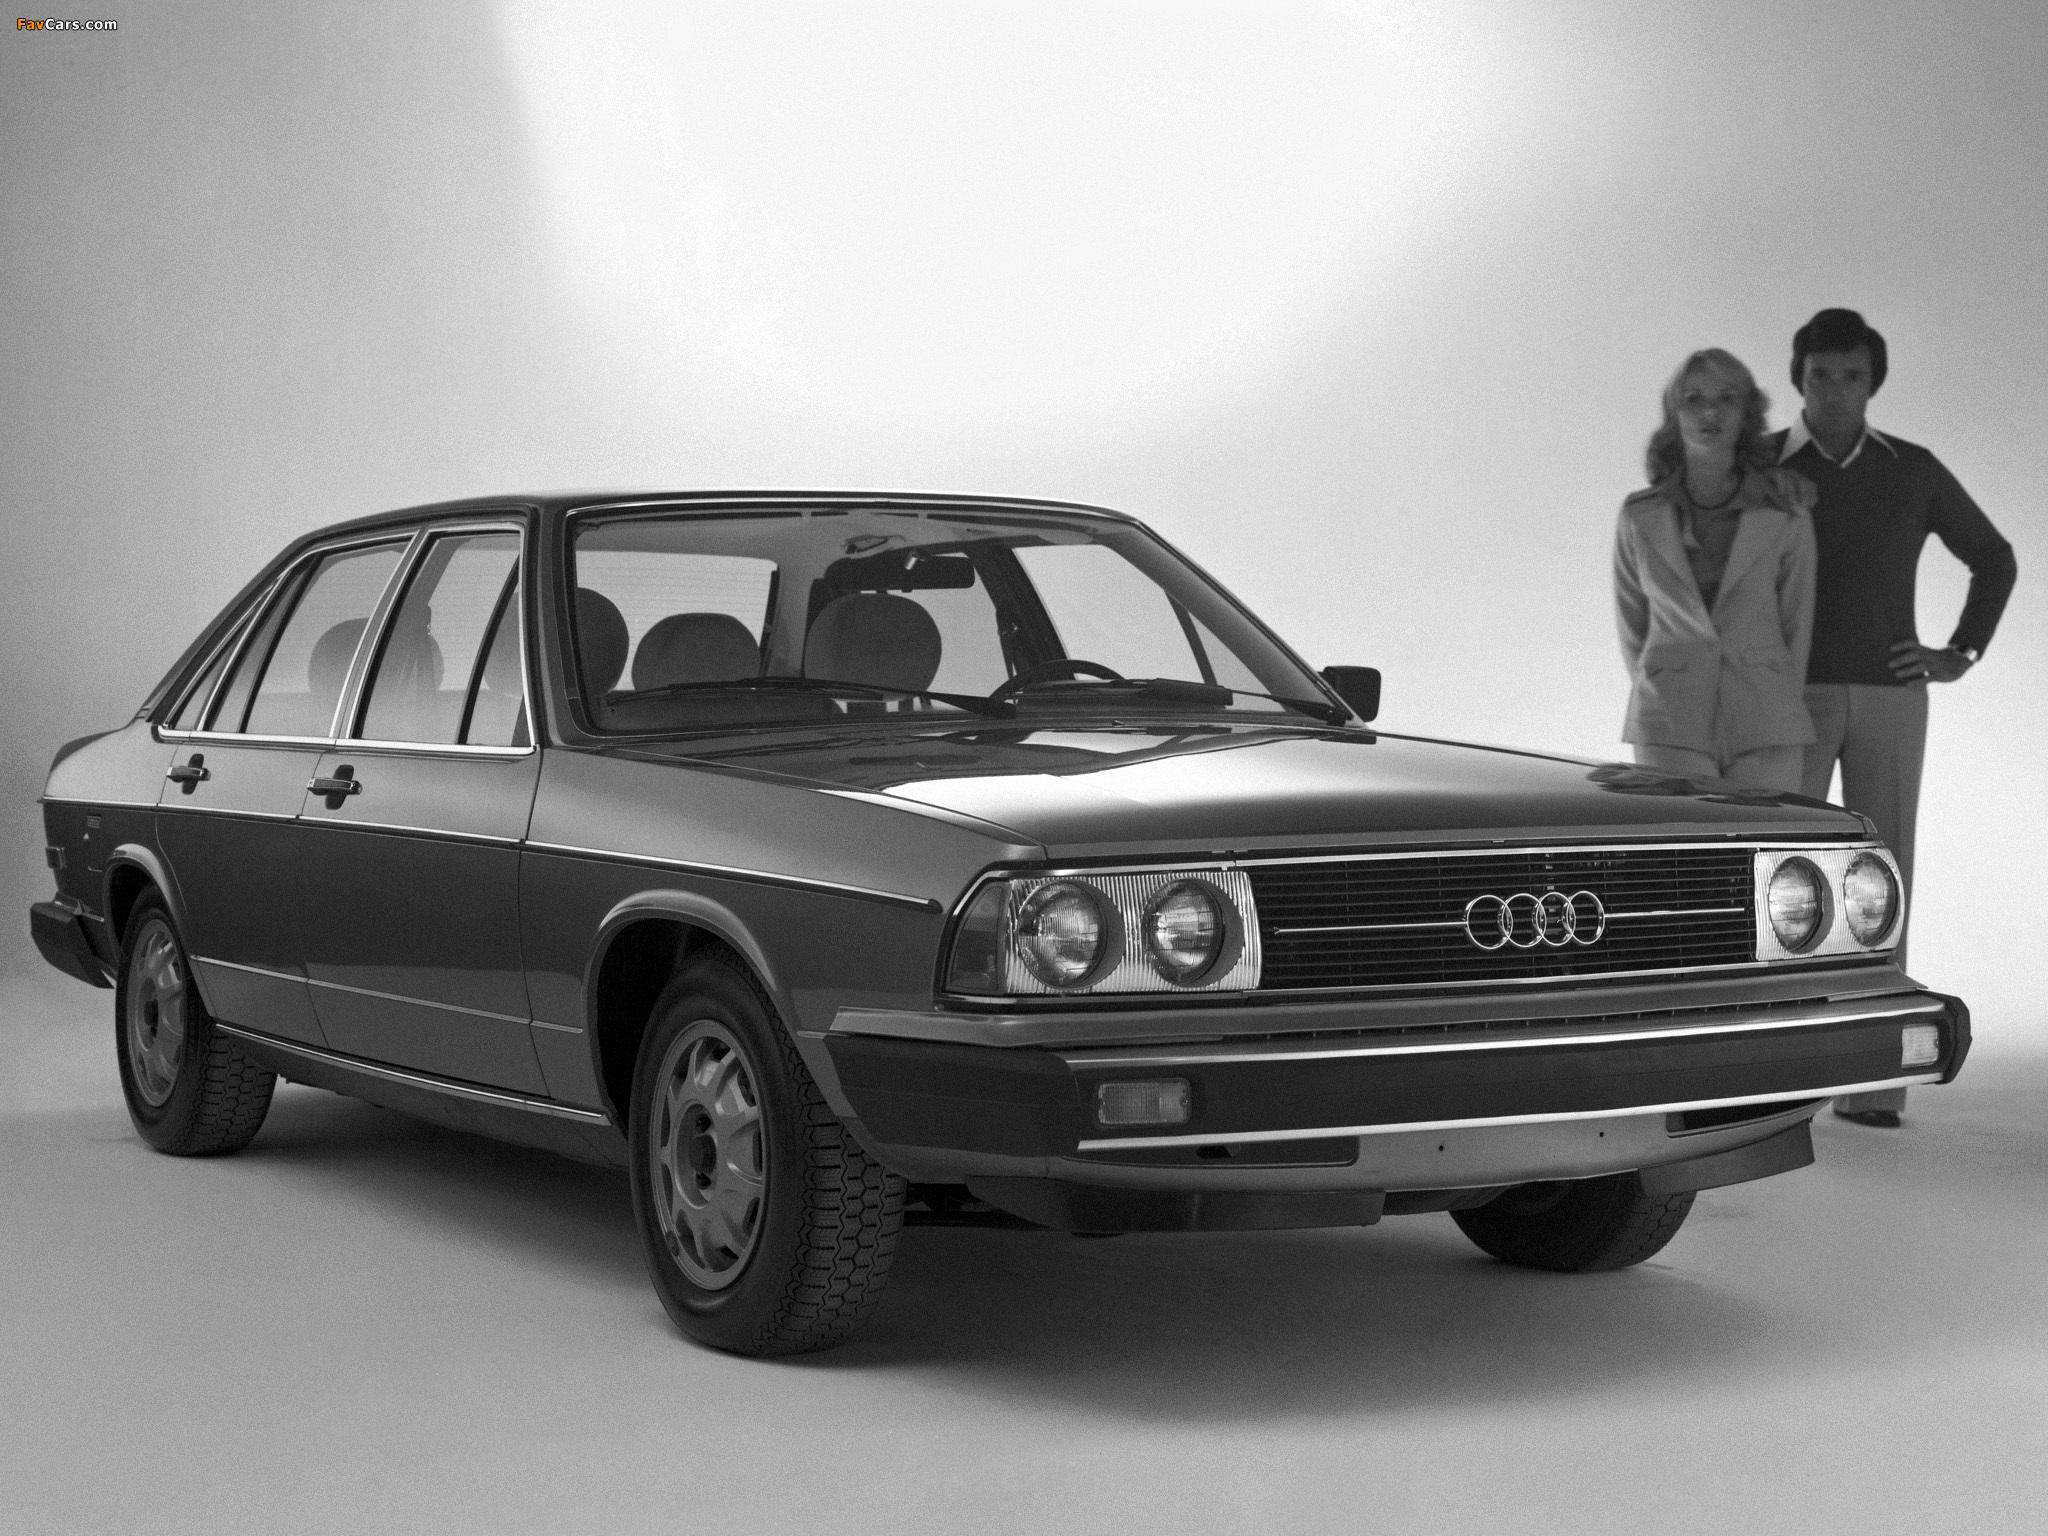 Audi 5000 43 1978 1980 Images 2048x1536